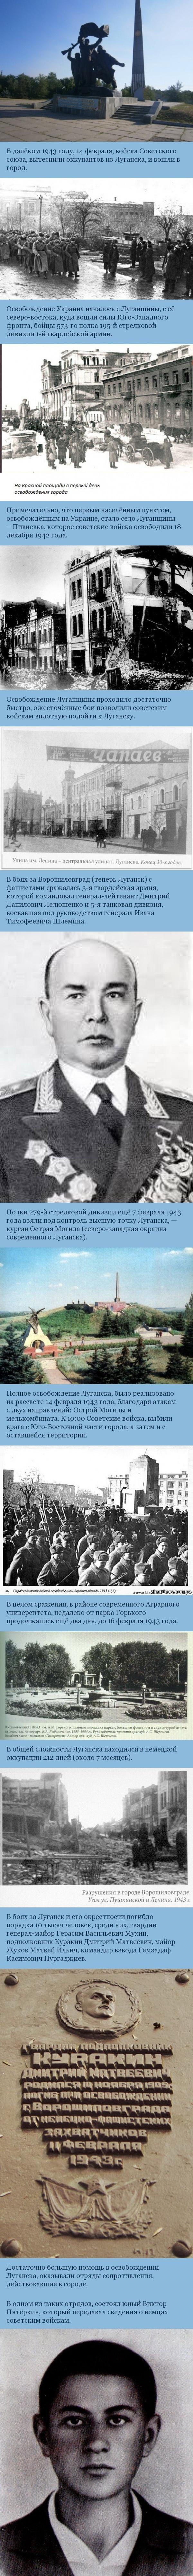 14 февраля - День освобождения Луганска от немецко-фашистских захватчиков